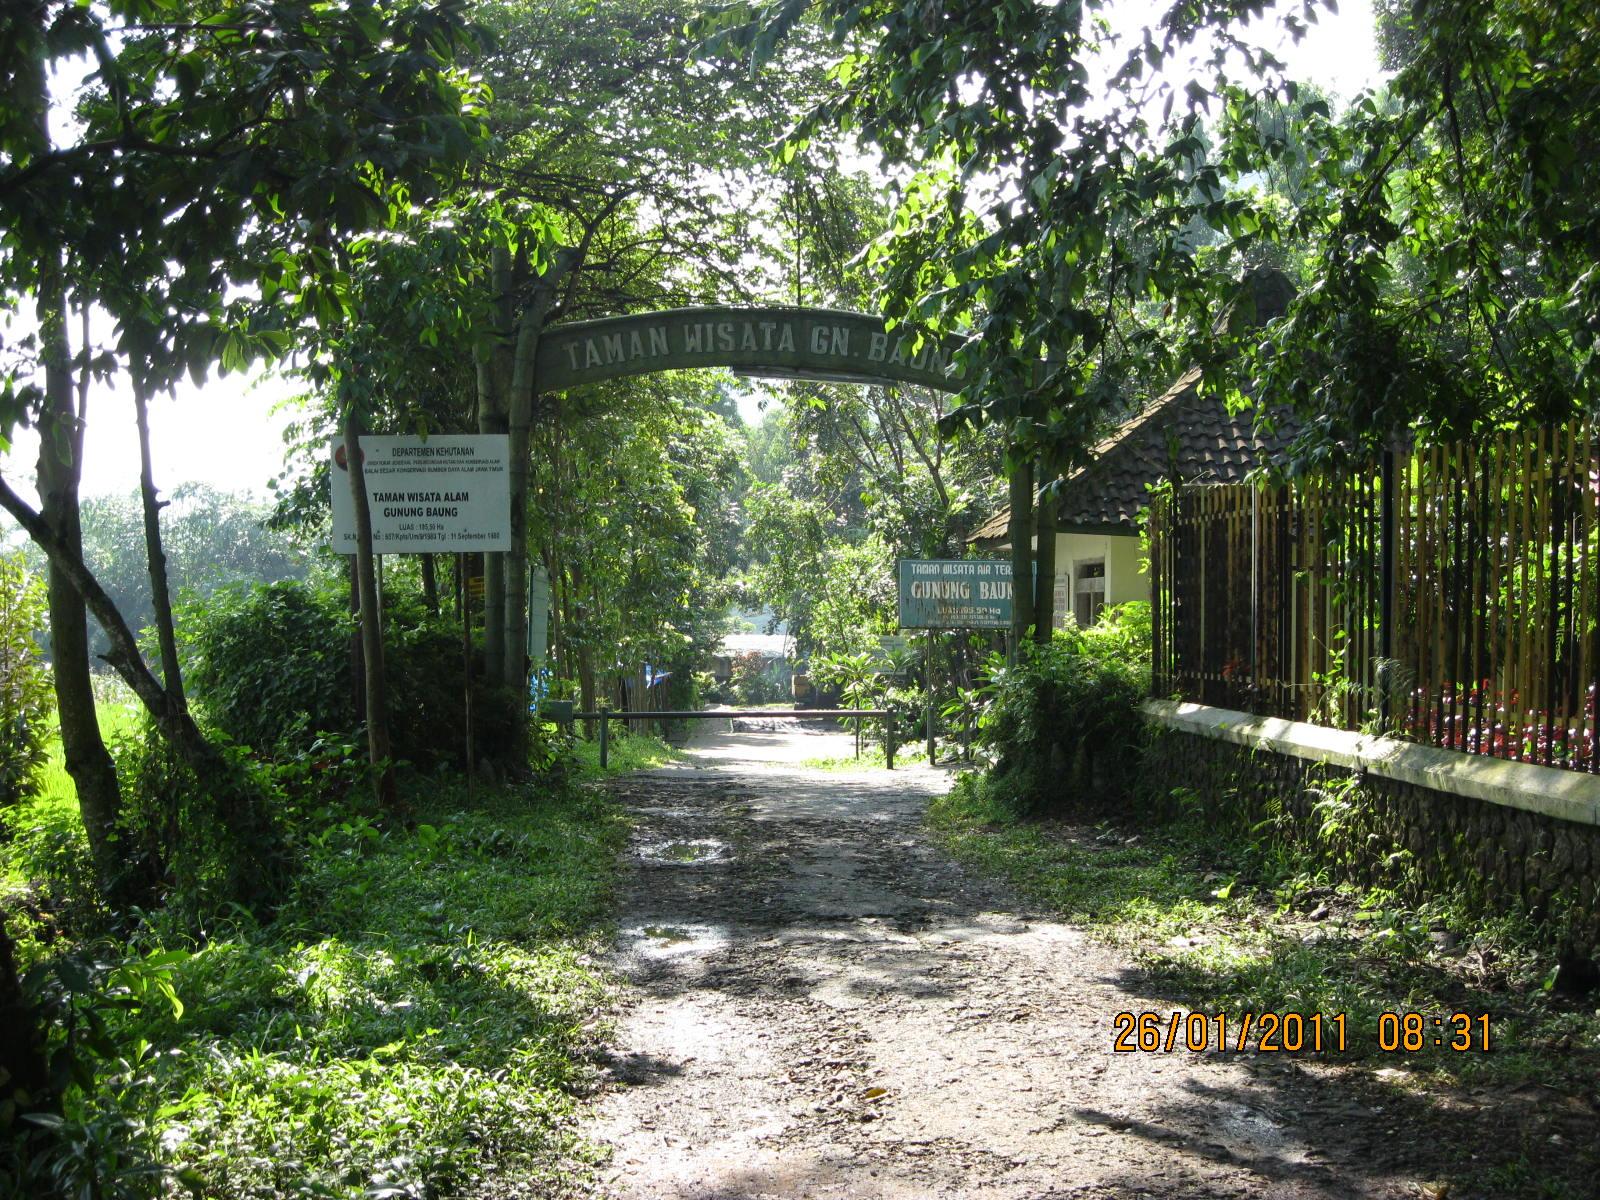 Filegate Of Taman Wisata Air Terjun Gunung Baung Purwodadi Pasuruan Panoramio